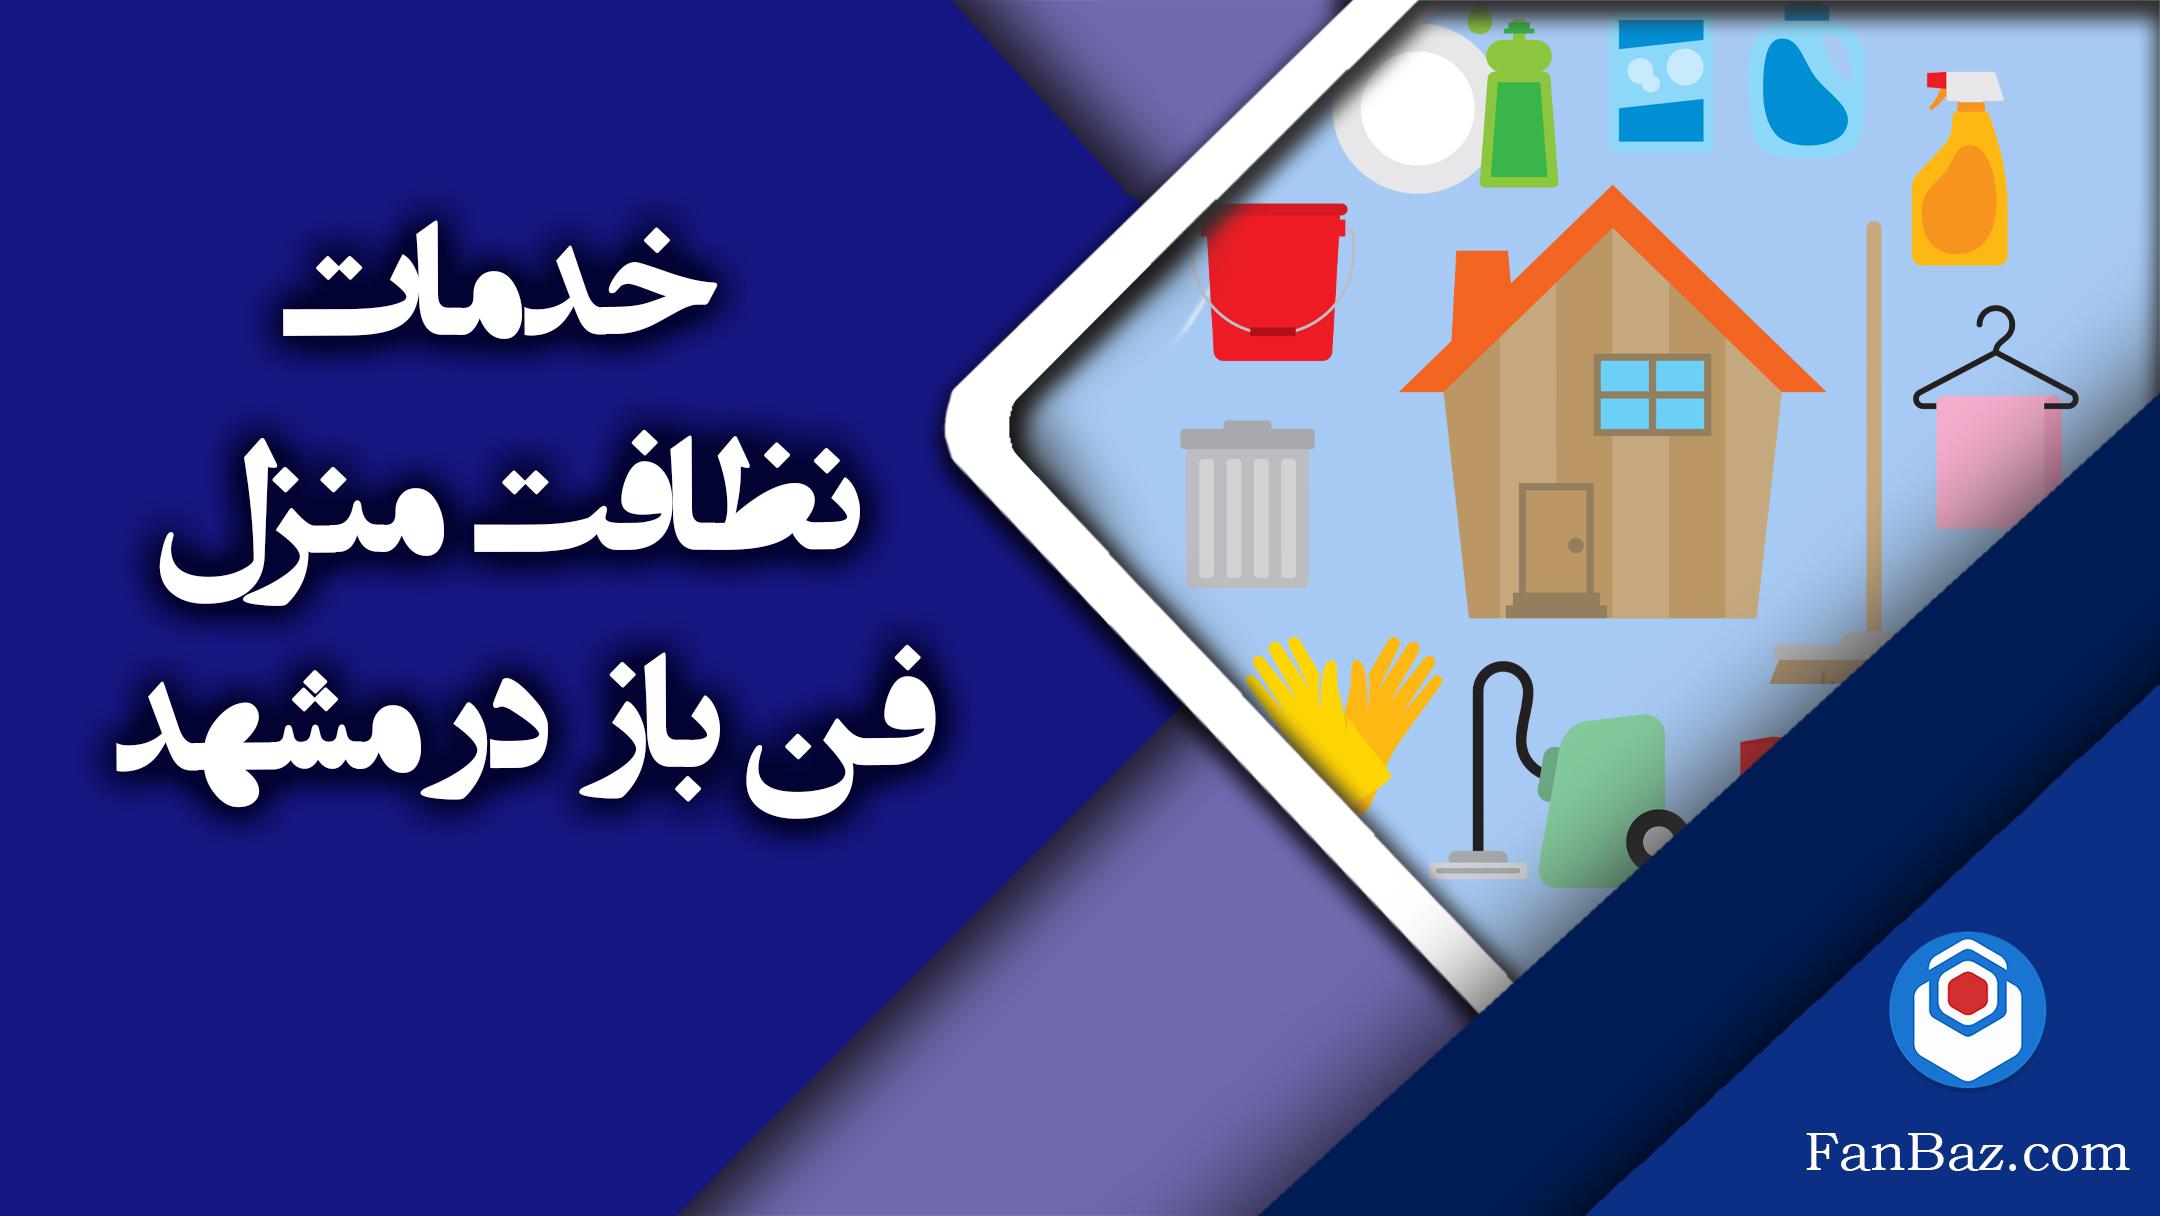 خدمات نظافت منزل در مشهد , نظافت منزل تخلیه در مشهد , نظافت منزل مبله در مشهد , کارگر خدمات نظافت منزل در مشهد